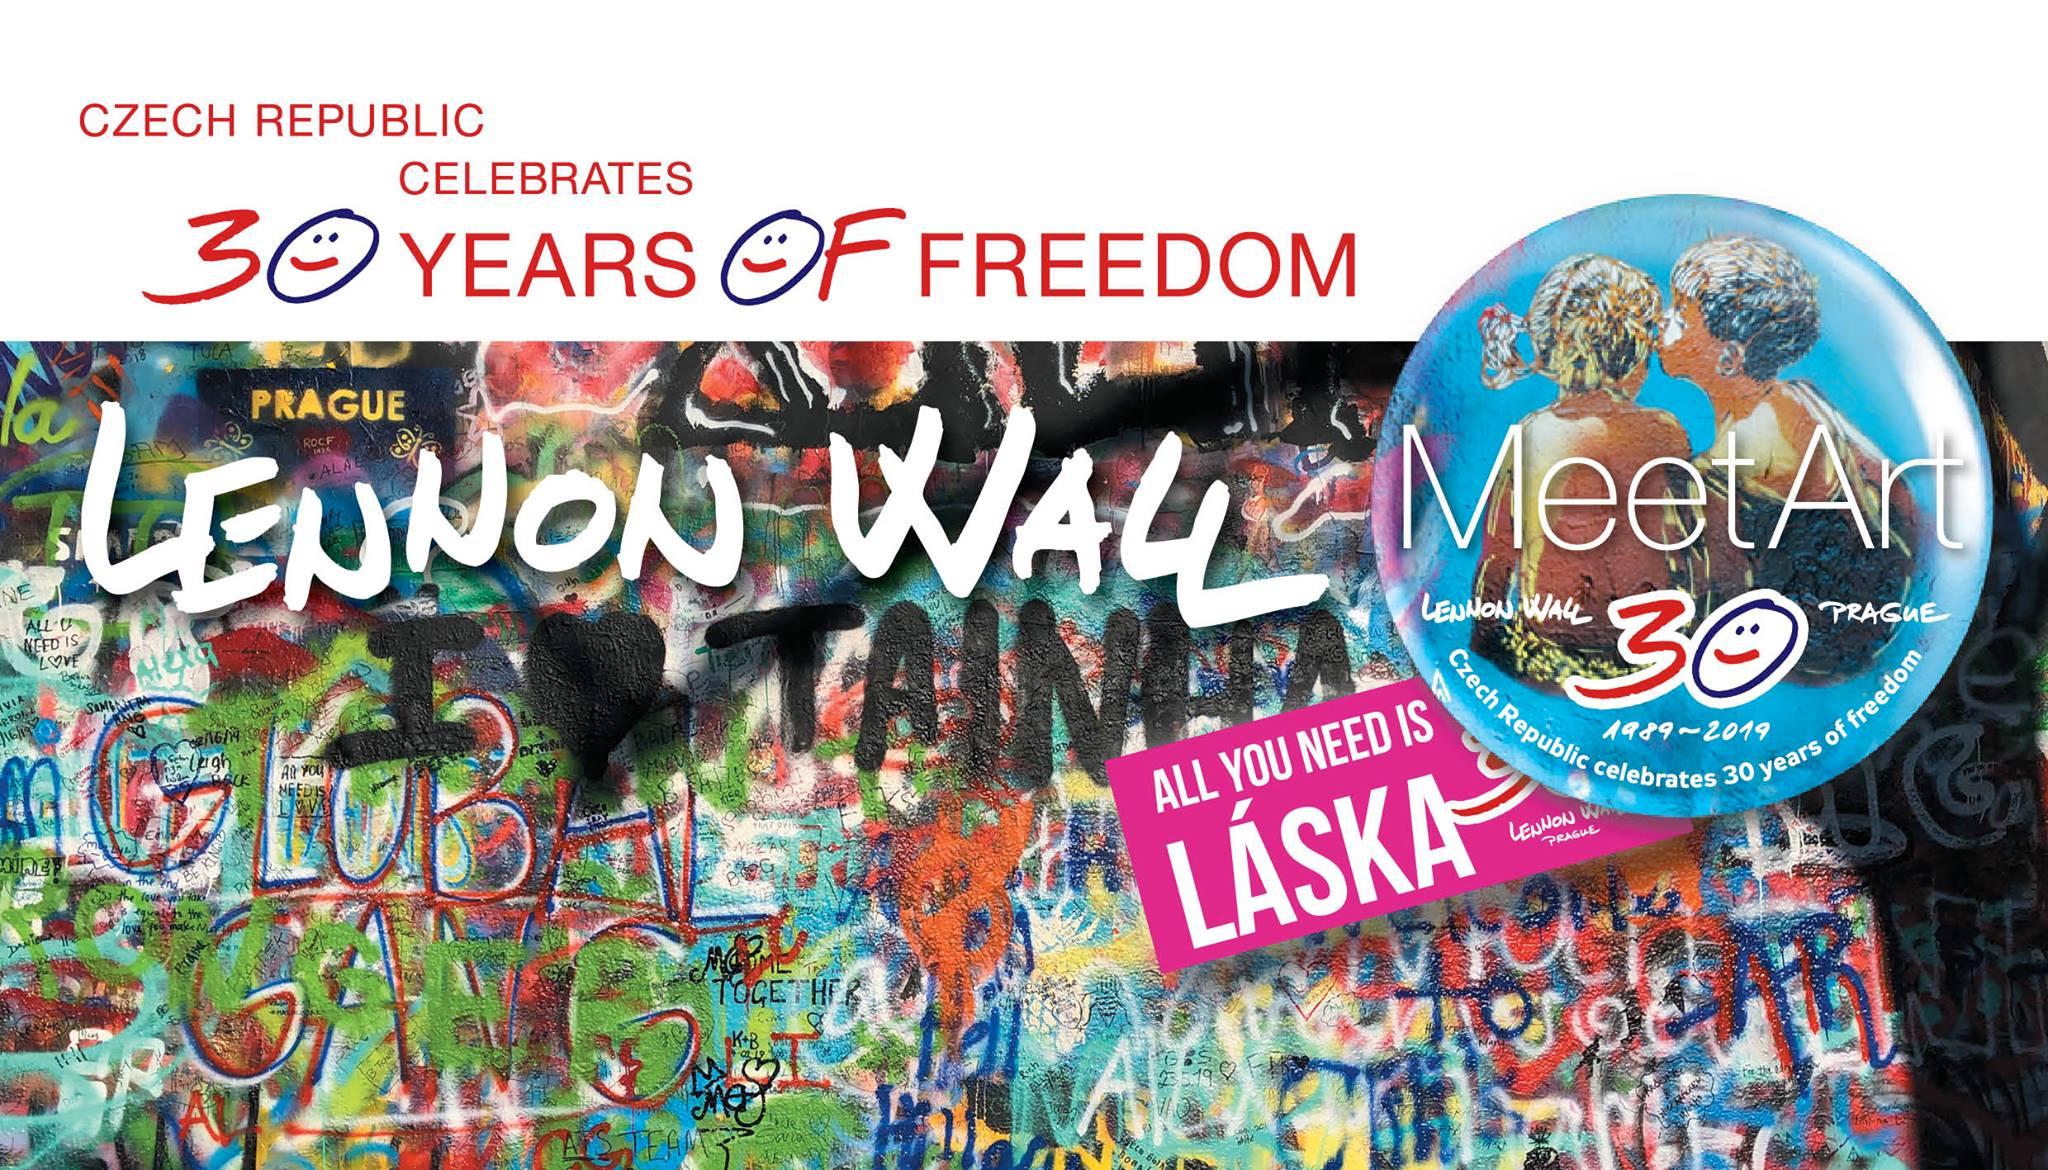 Zahájení oslav 30 YEARS OF FREEDOM v České republice